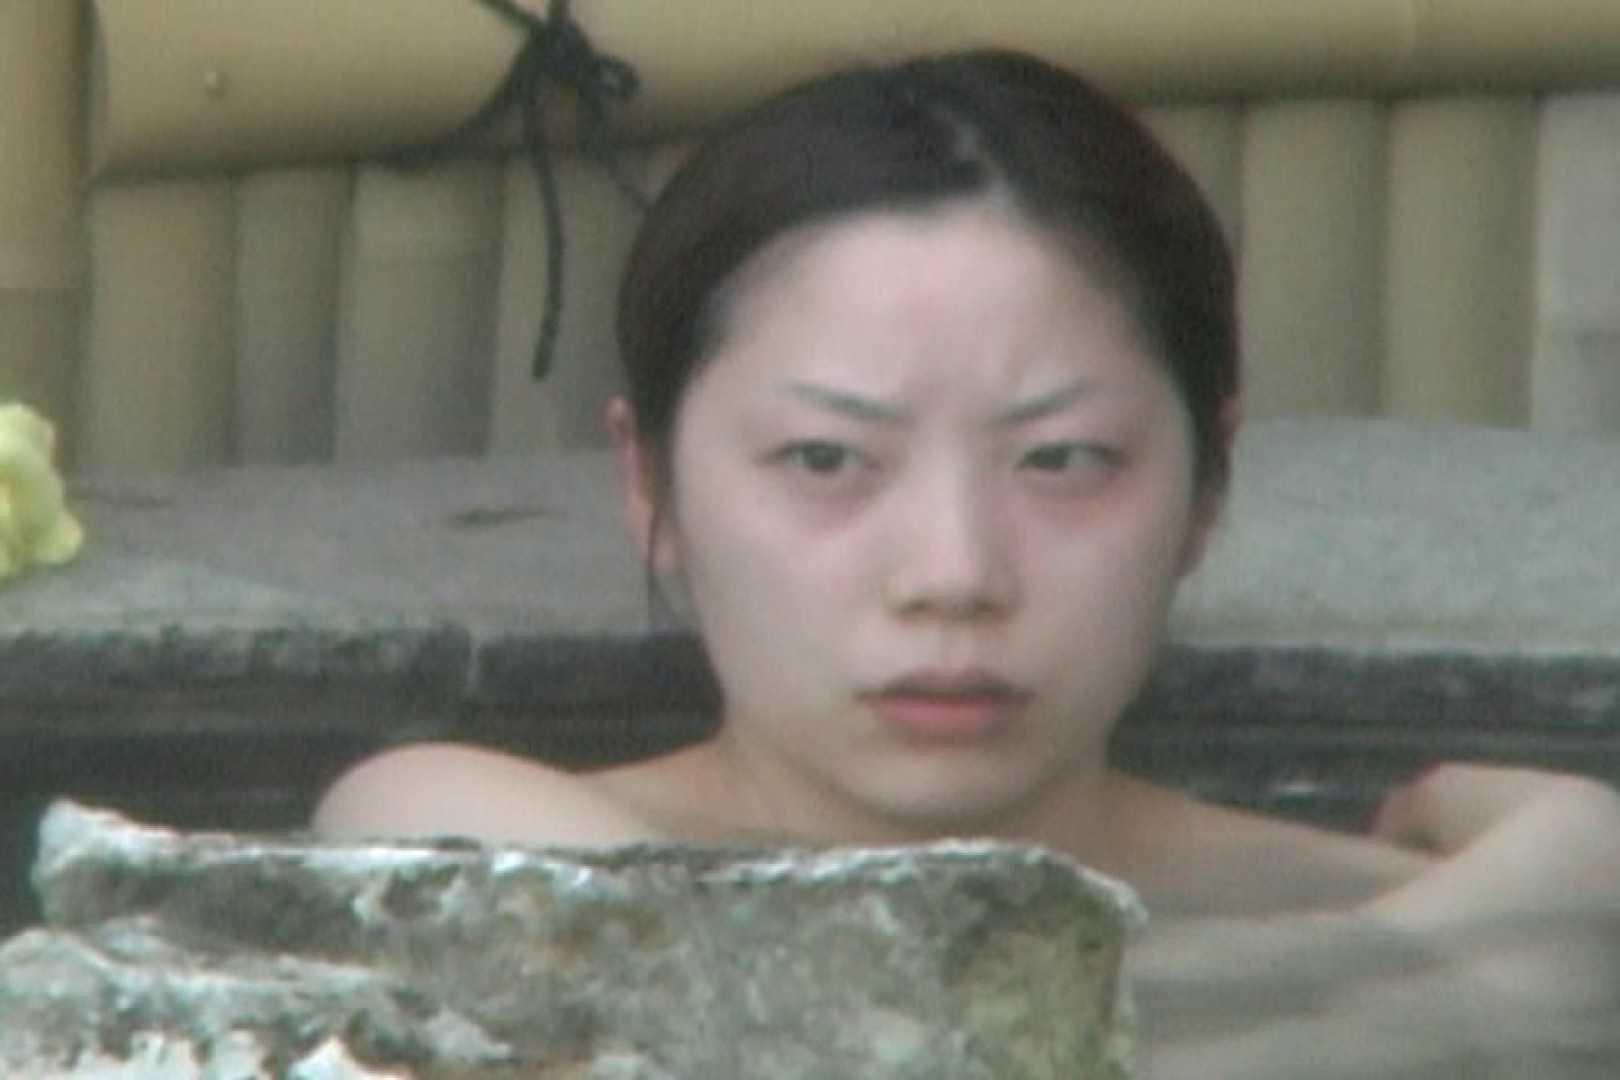 Aquaな露天風呂Vol.596 盗撮シリーズ  113PIX 6